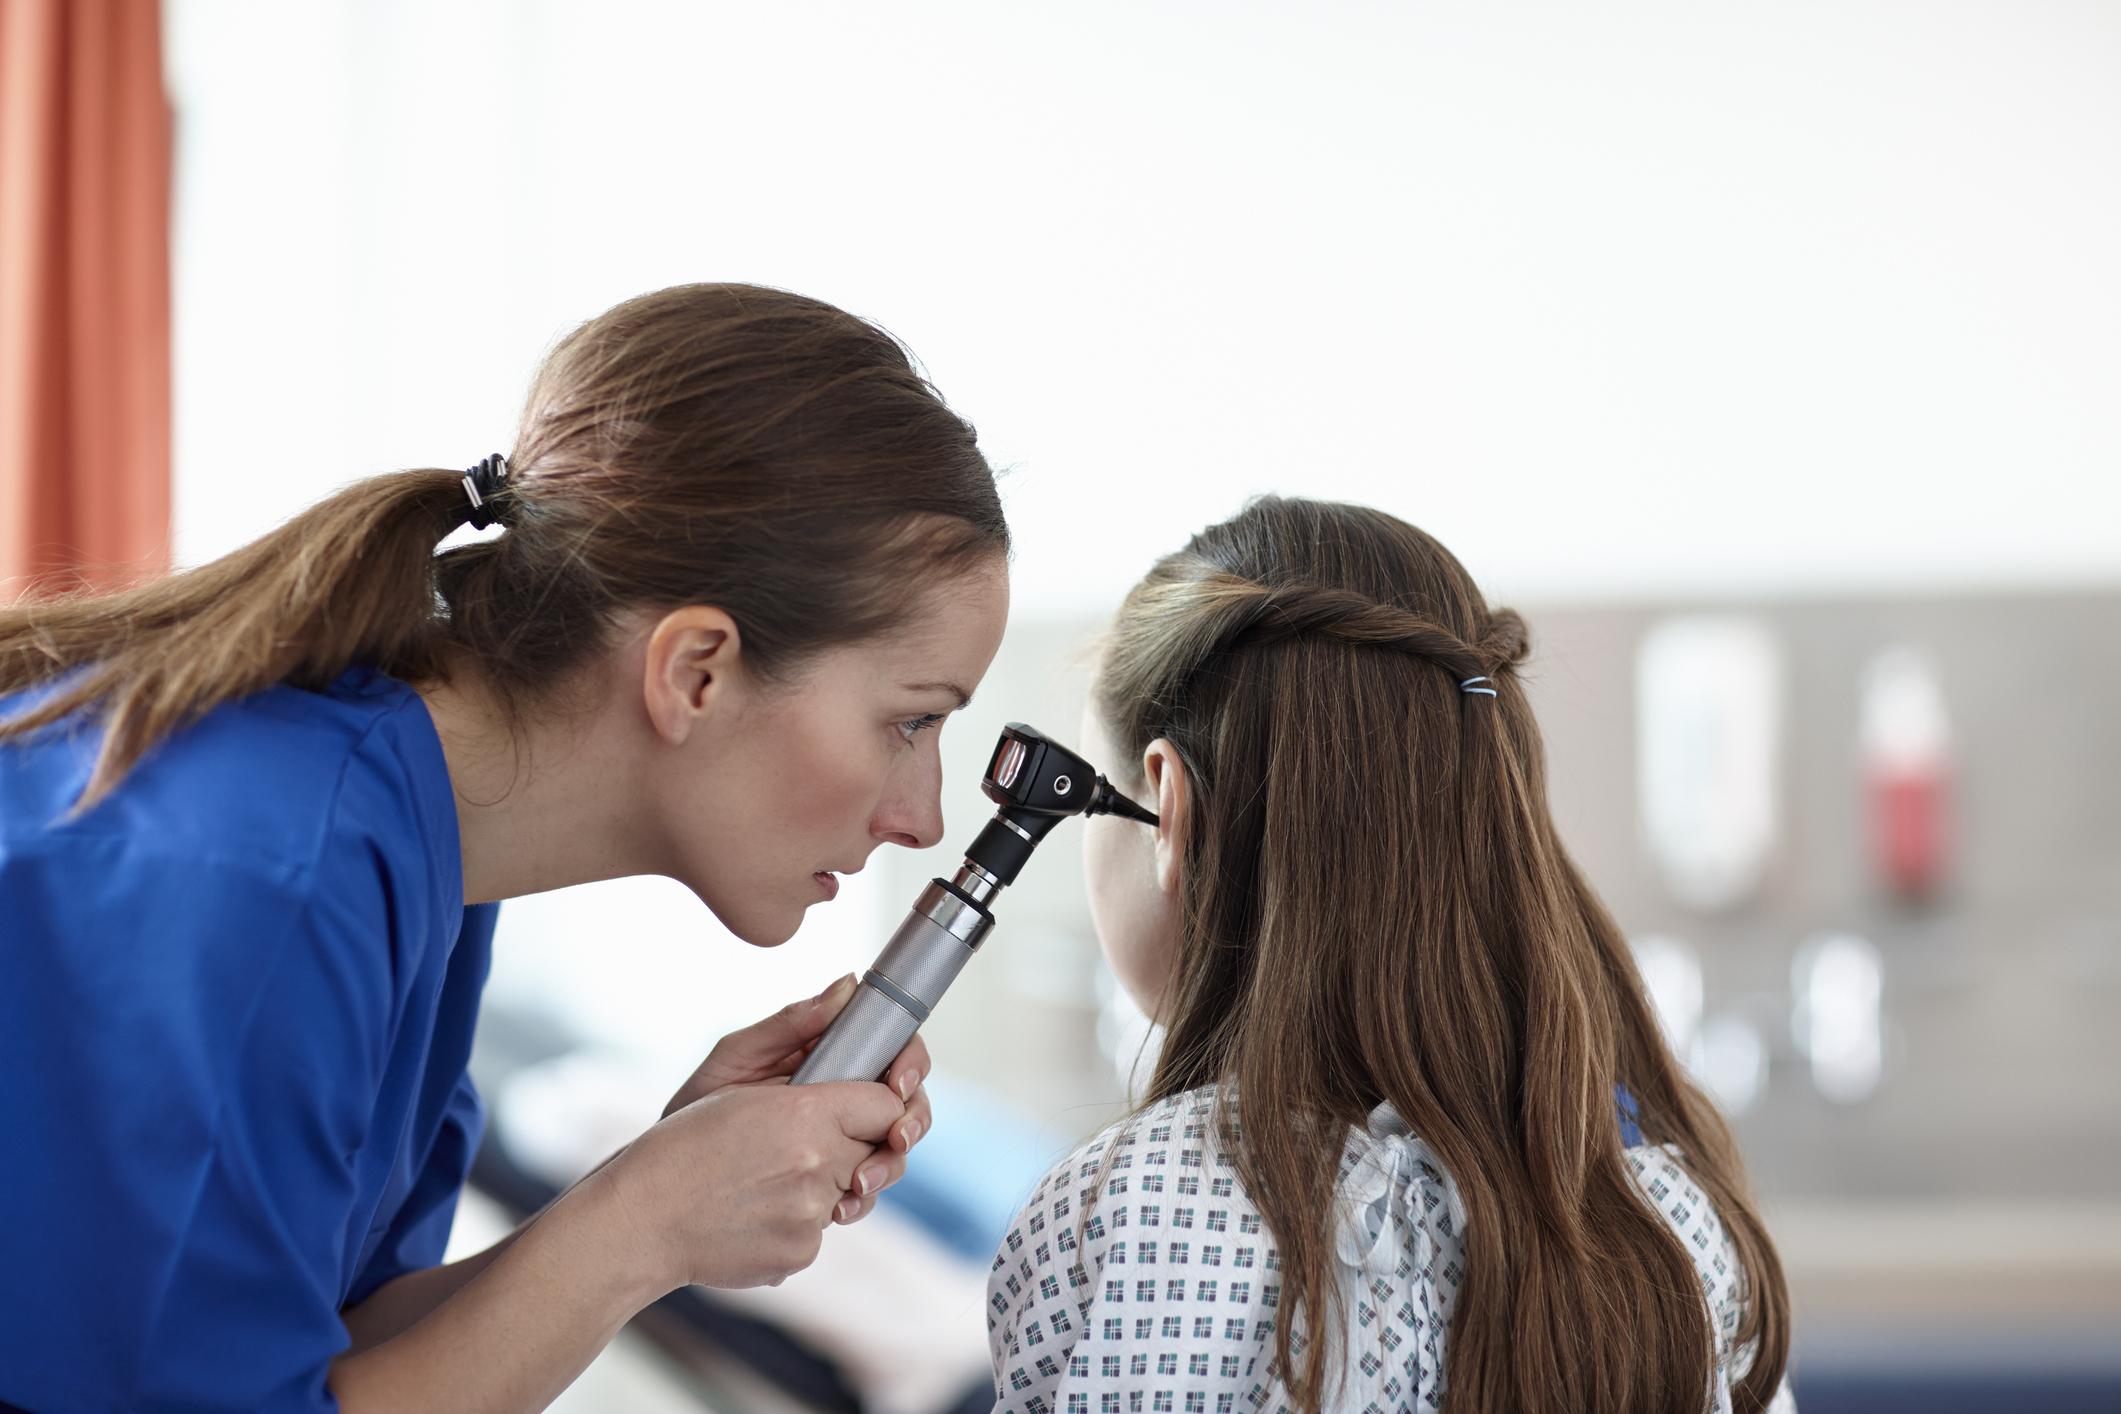 Как применять борную кислоту для облегчения состояния при отите и прочих заболеваниях ушей?